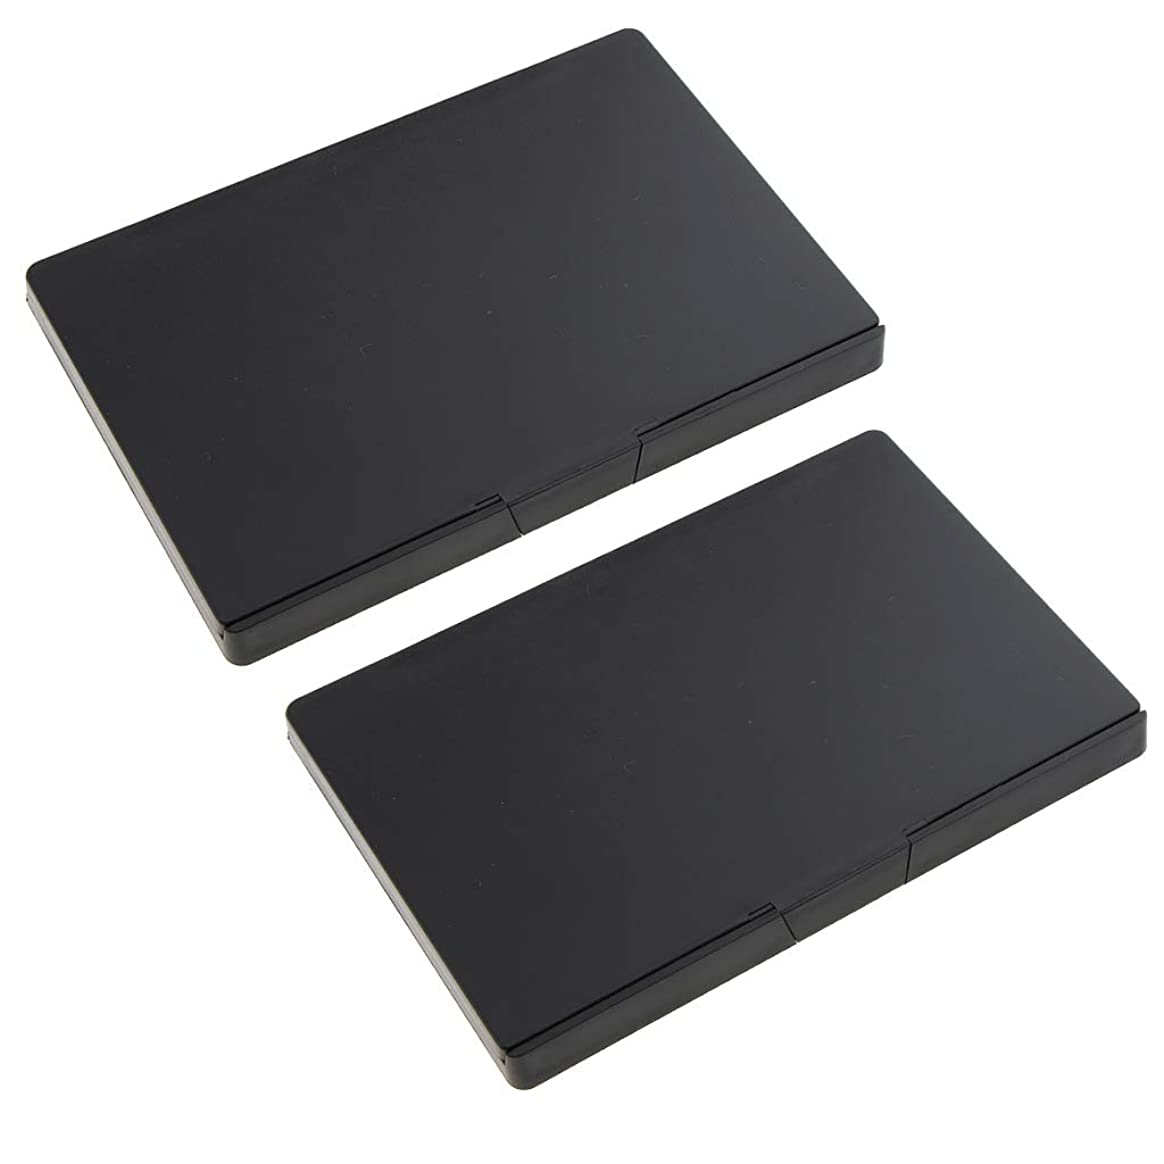 騙すタウポ湖ジャベスウィルソンB Baosity 2個 磁気パレット メイクアップパレット 手作り コスメ 小分け容器 旅行 便利